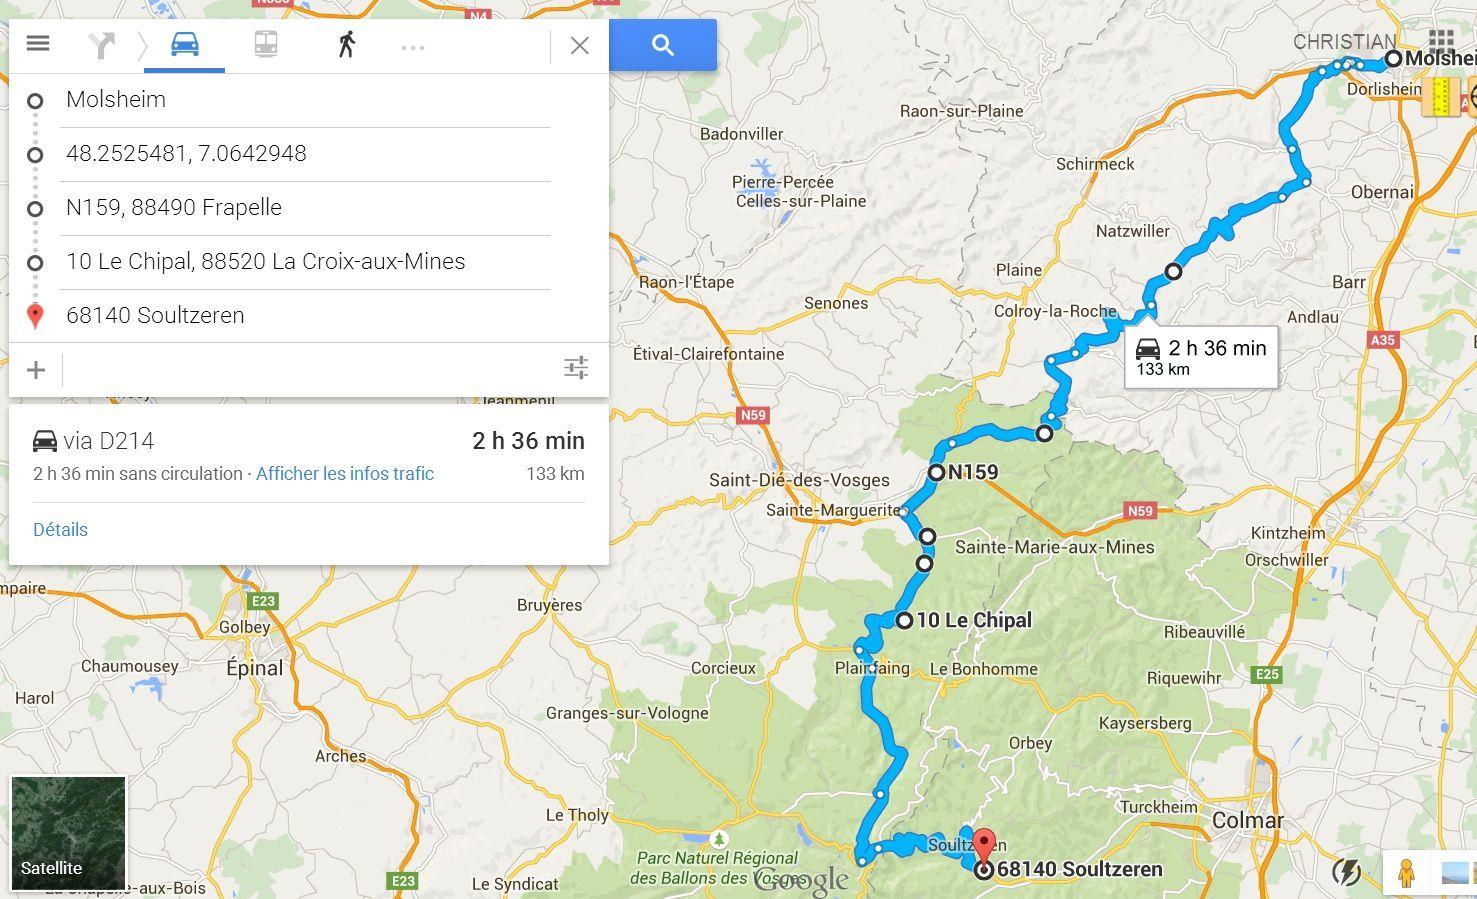 133 km DEPUIS MOLSHEIM